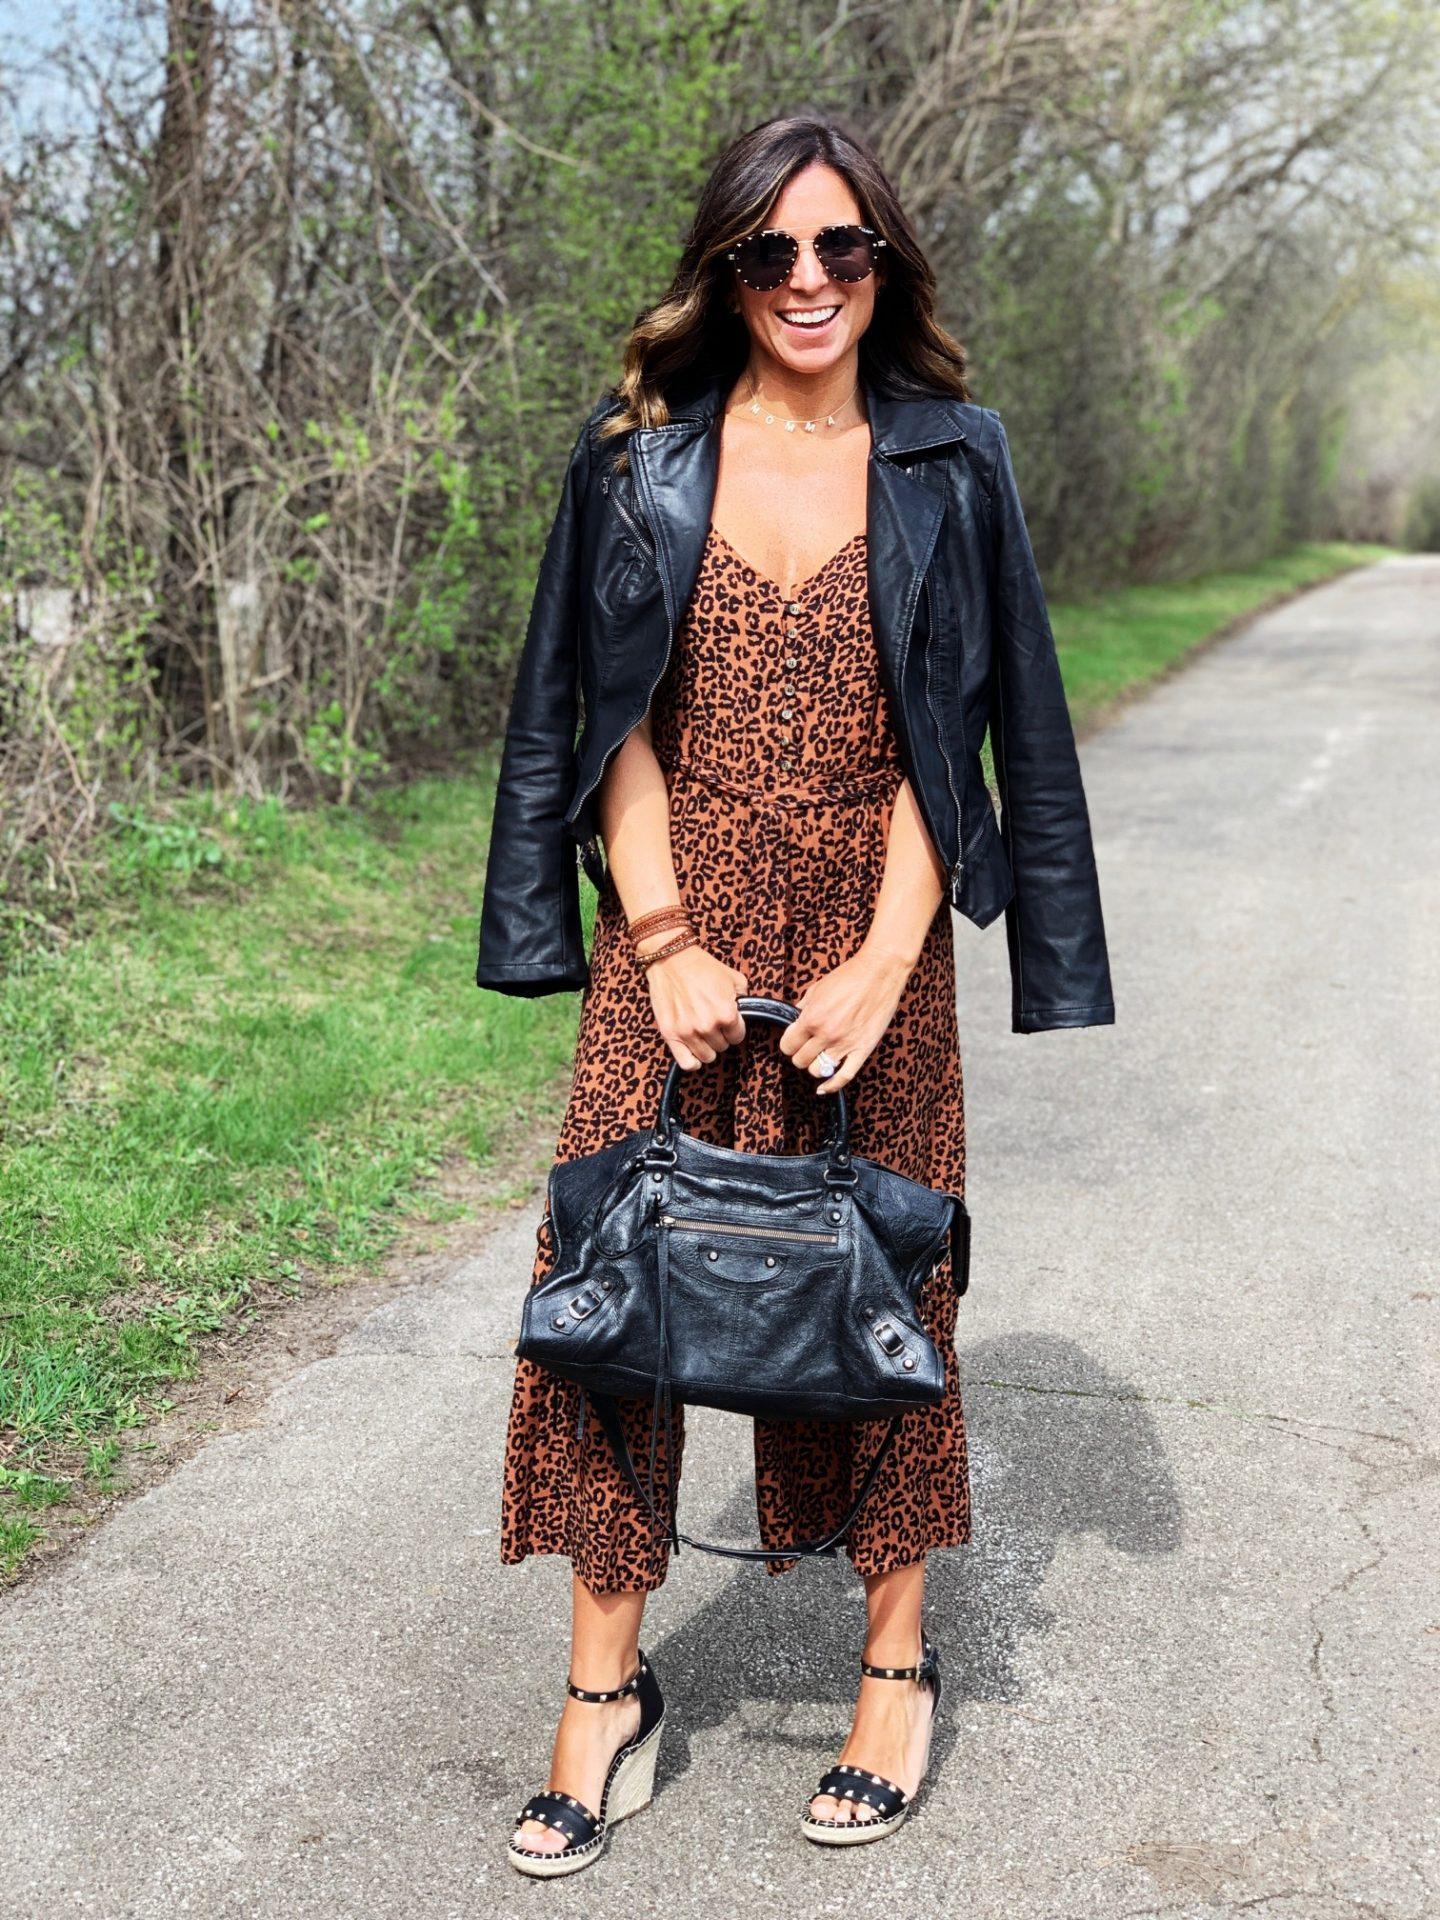 A Little Leopard Never Hurt Anyone…